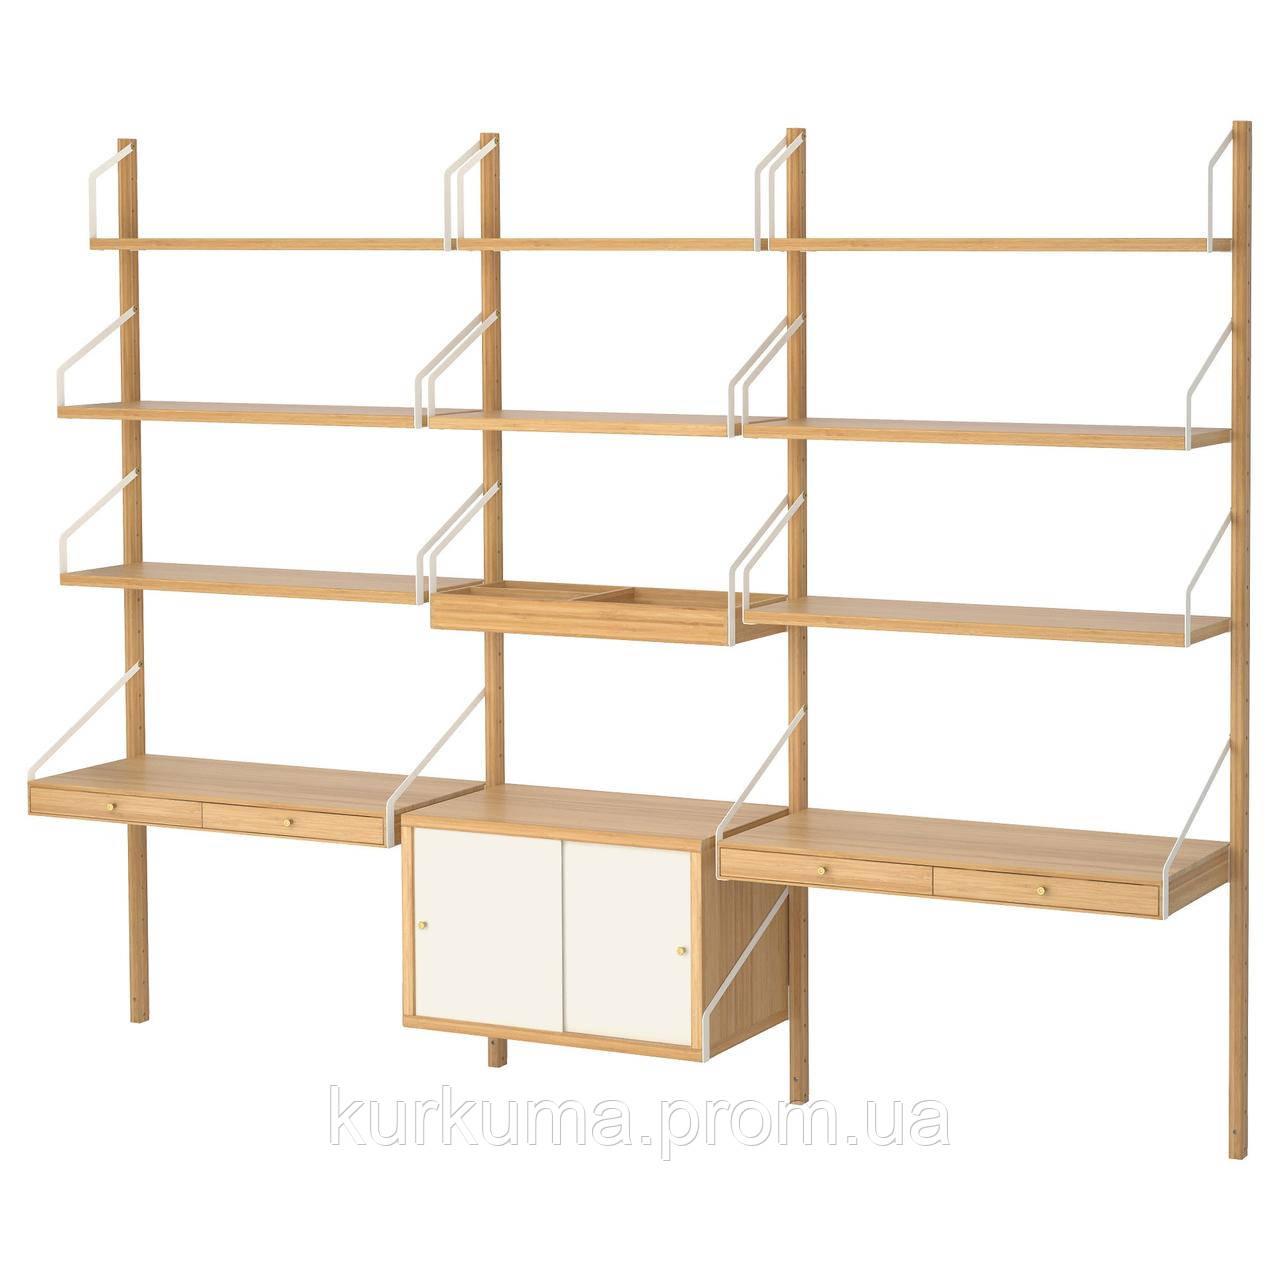 IKEA SVALNAS Пристенный стол, бамбук, белый  (191.844.62)